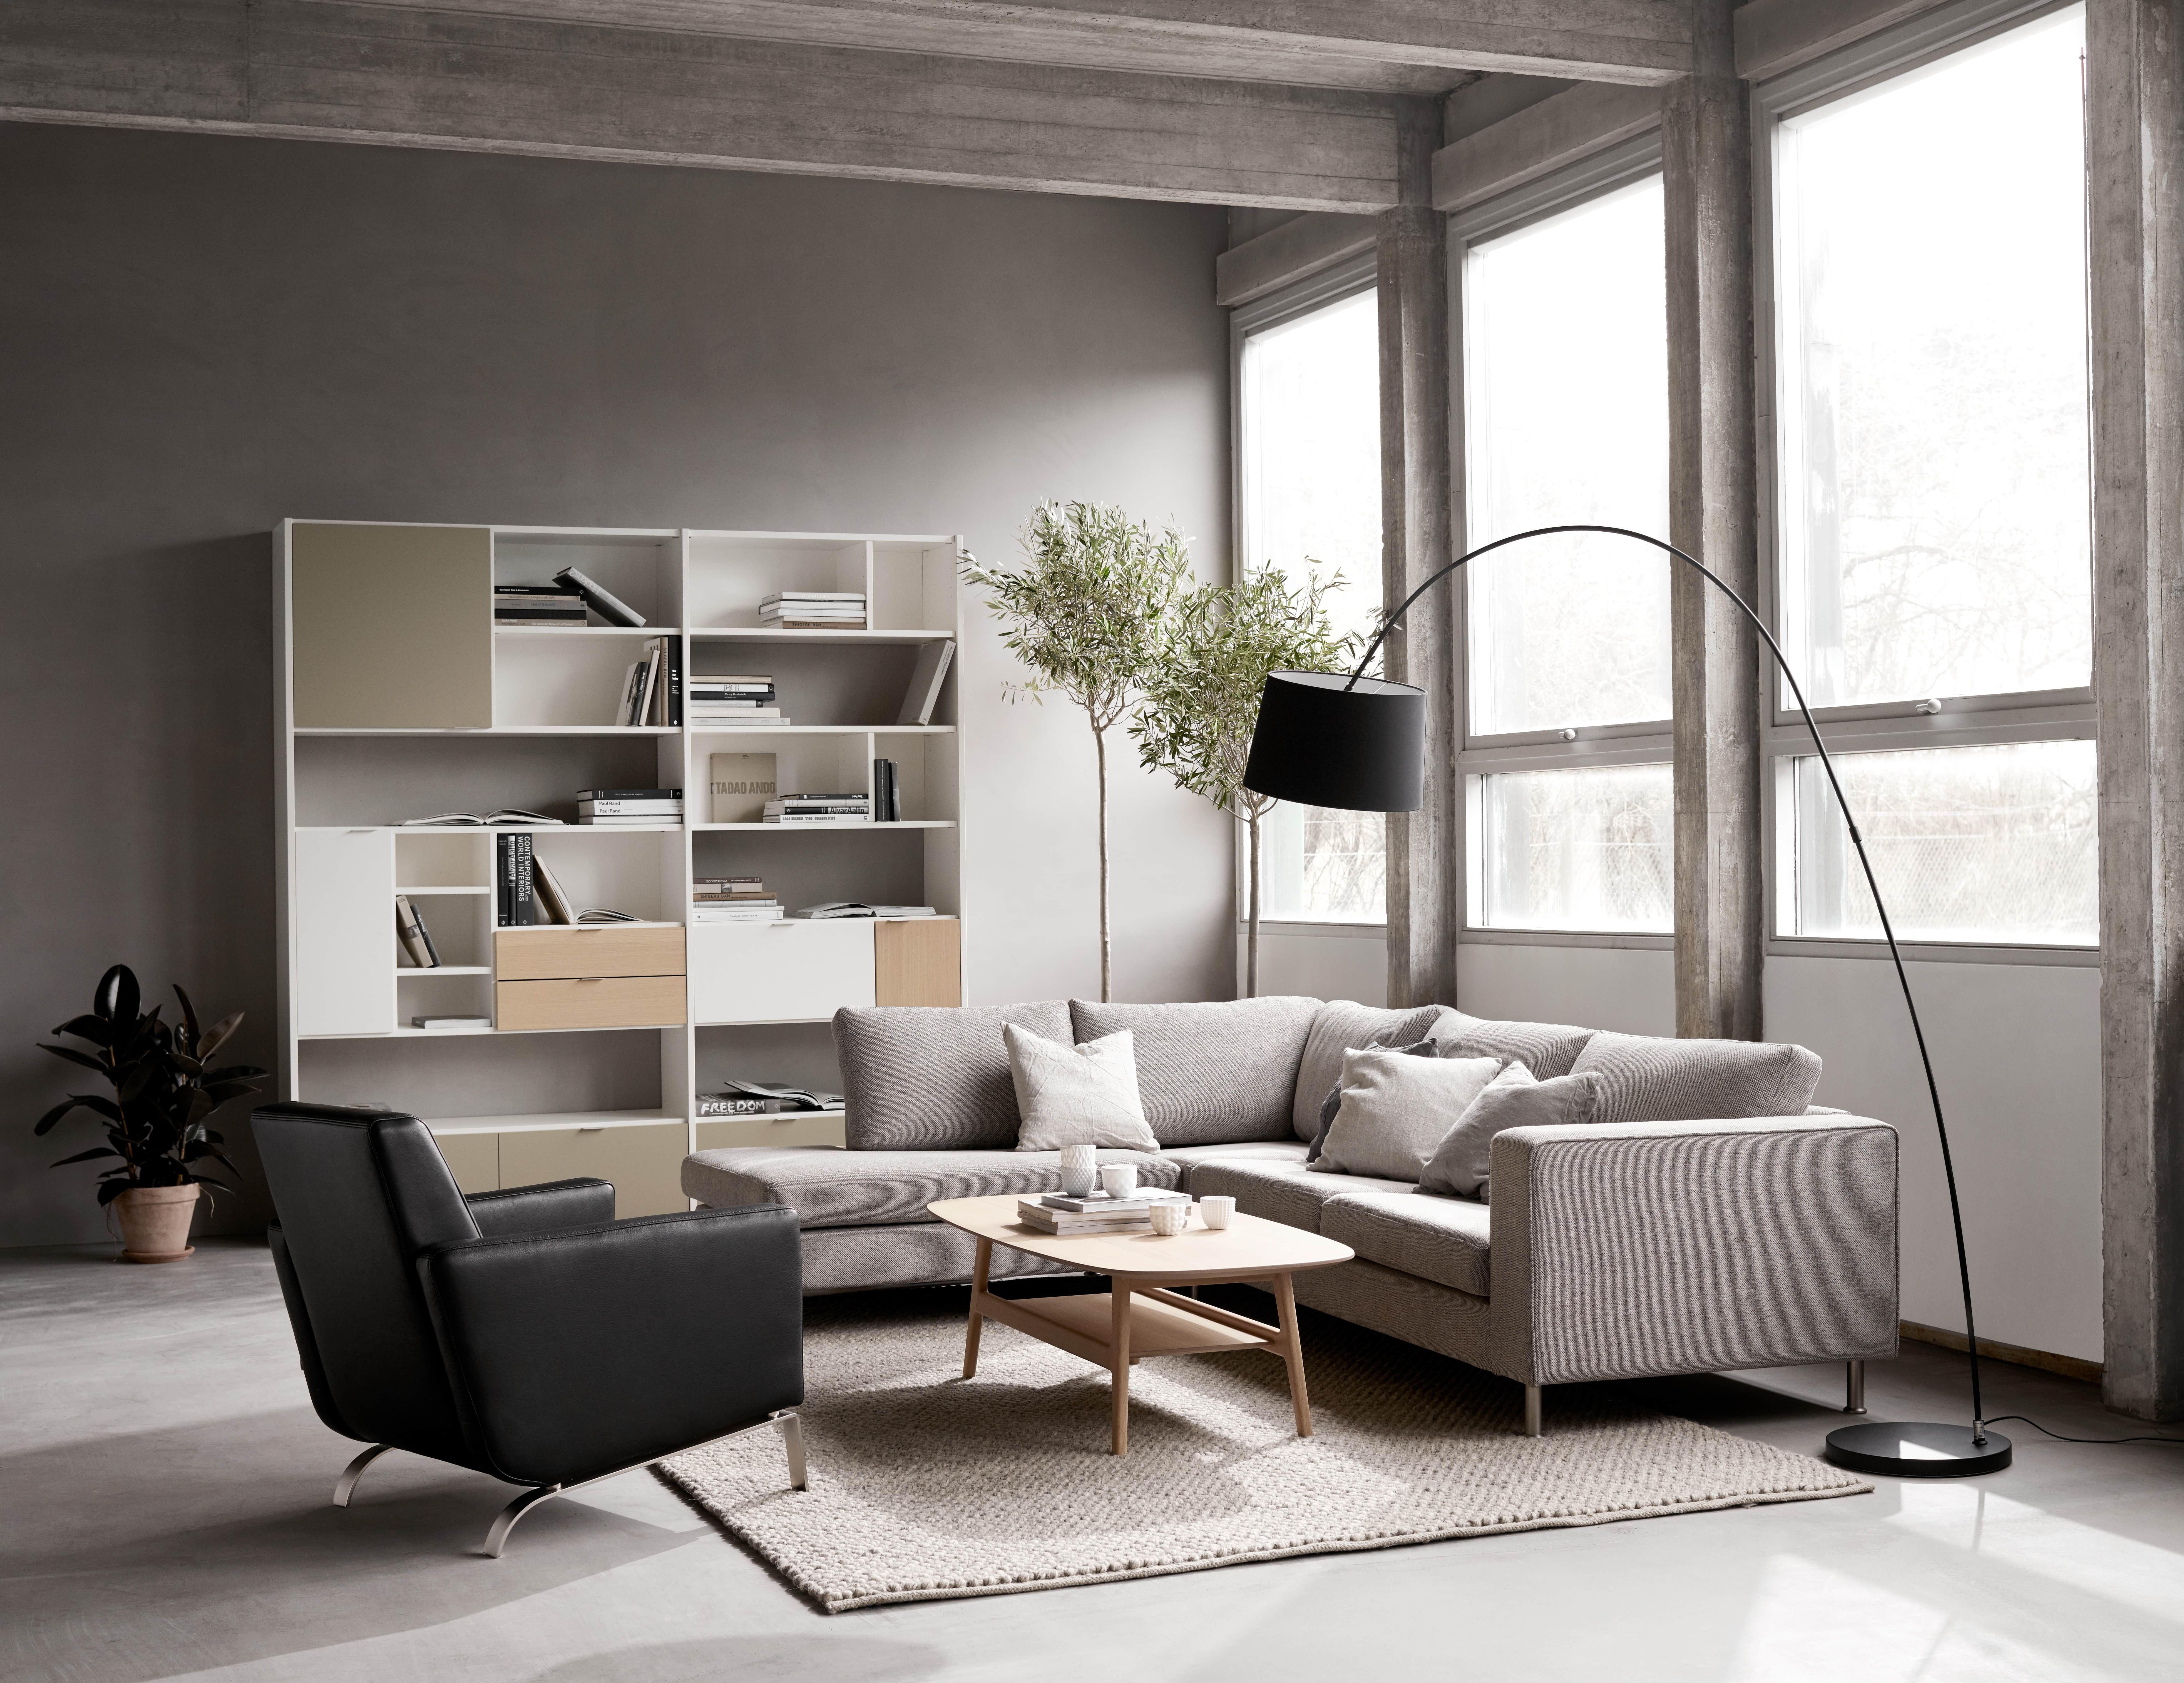 Sitzen Zurucklehnen Entspannen Indivi Sofa Von Boconcept Boconcept Interiordesign Sofa Couch Interio Wohnzimmertische Skandinavische Mobel Mobeldesign